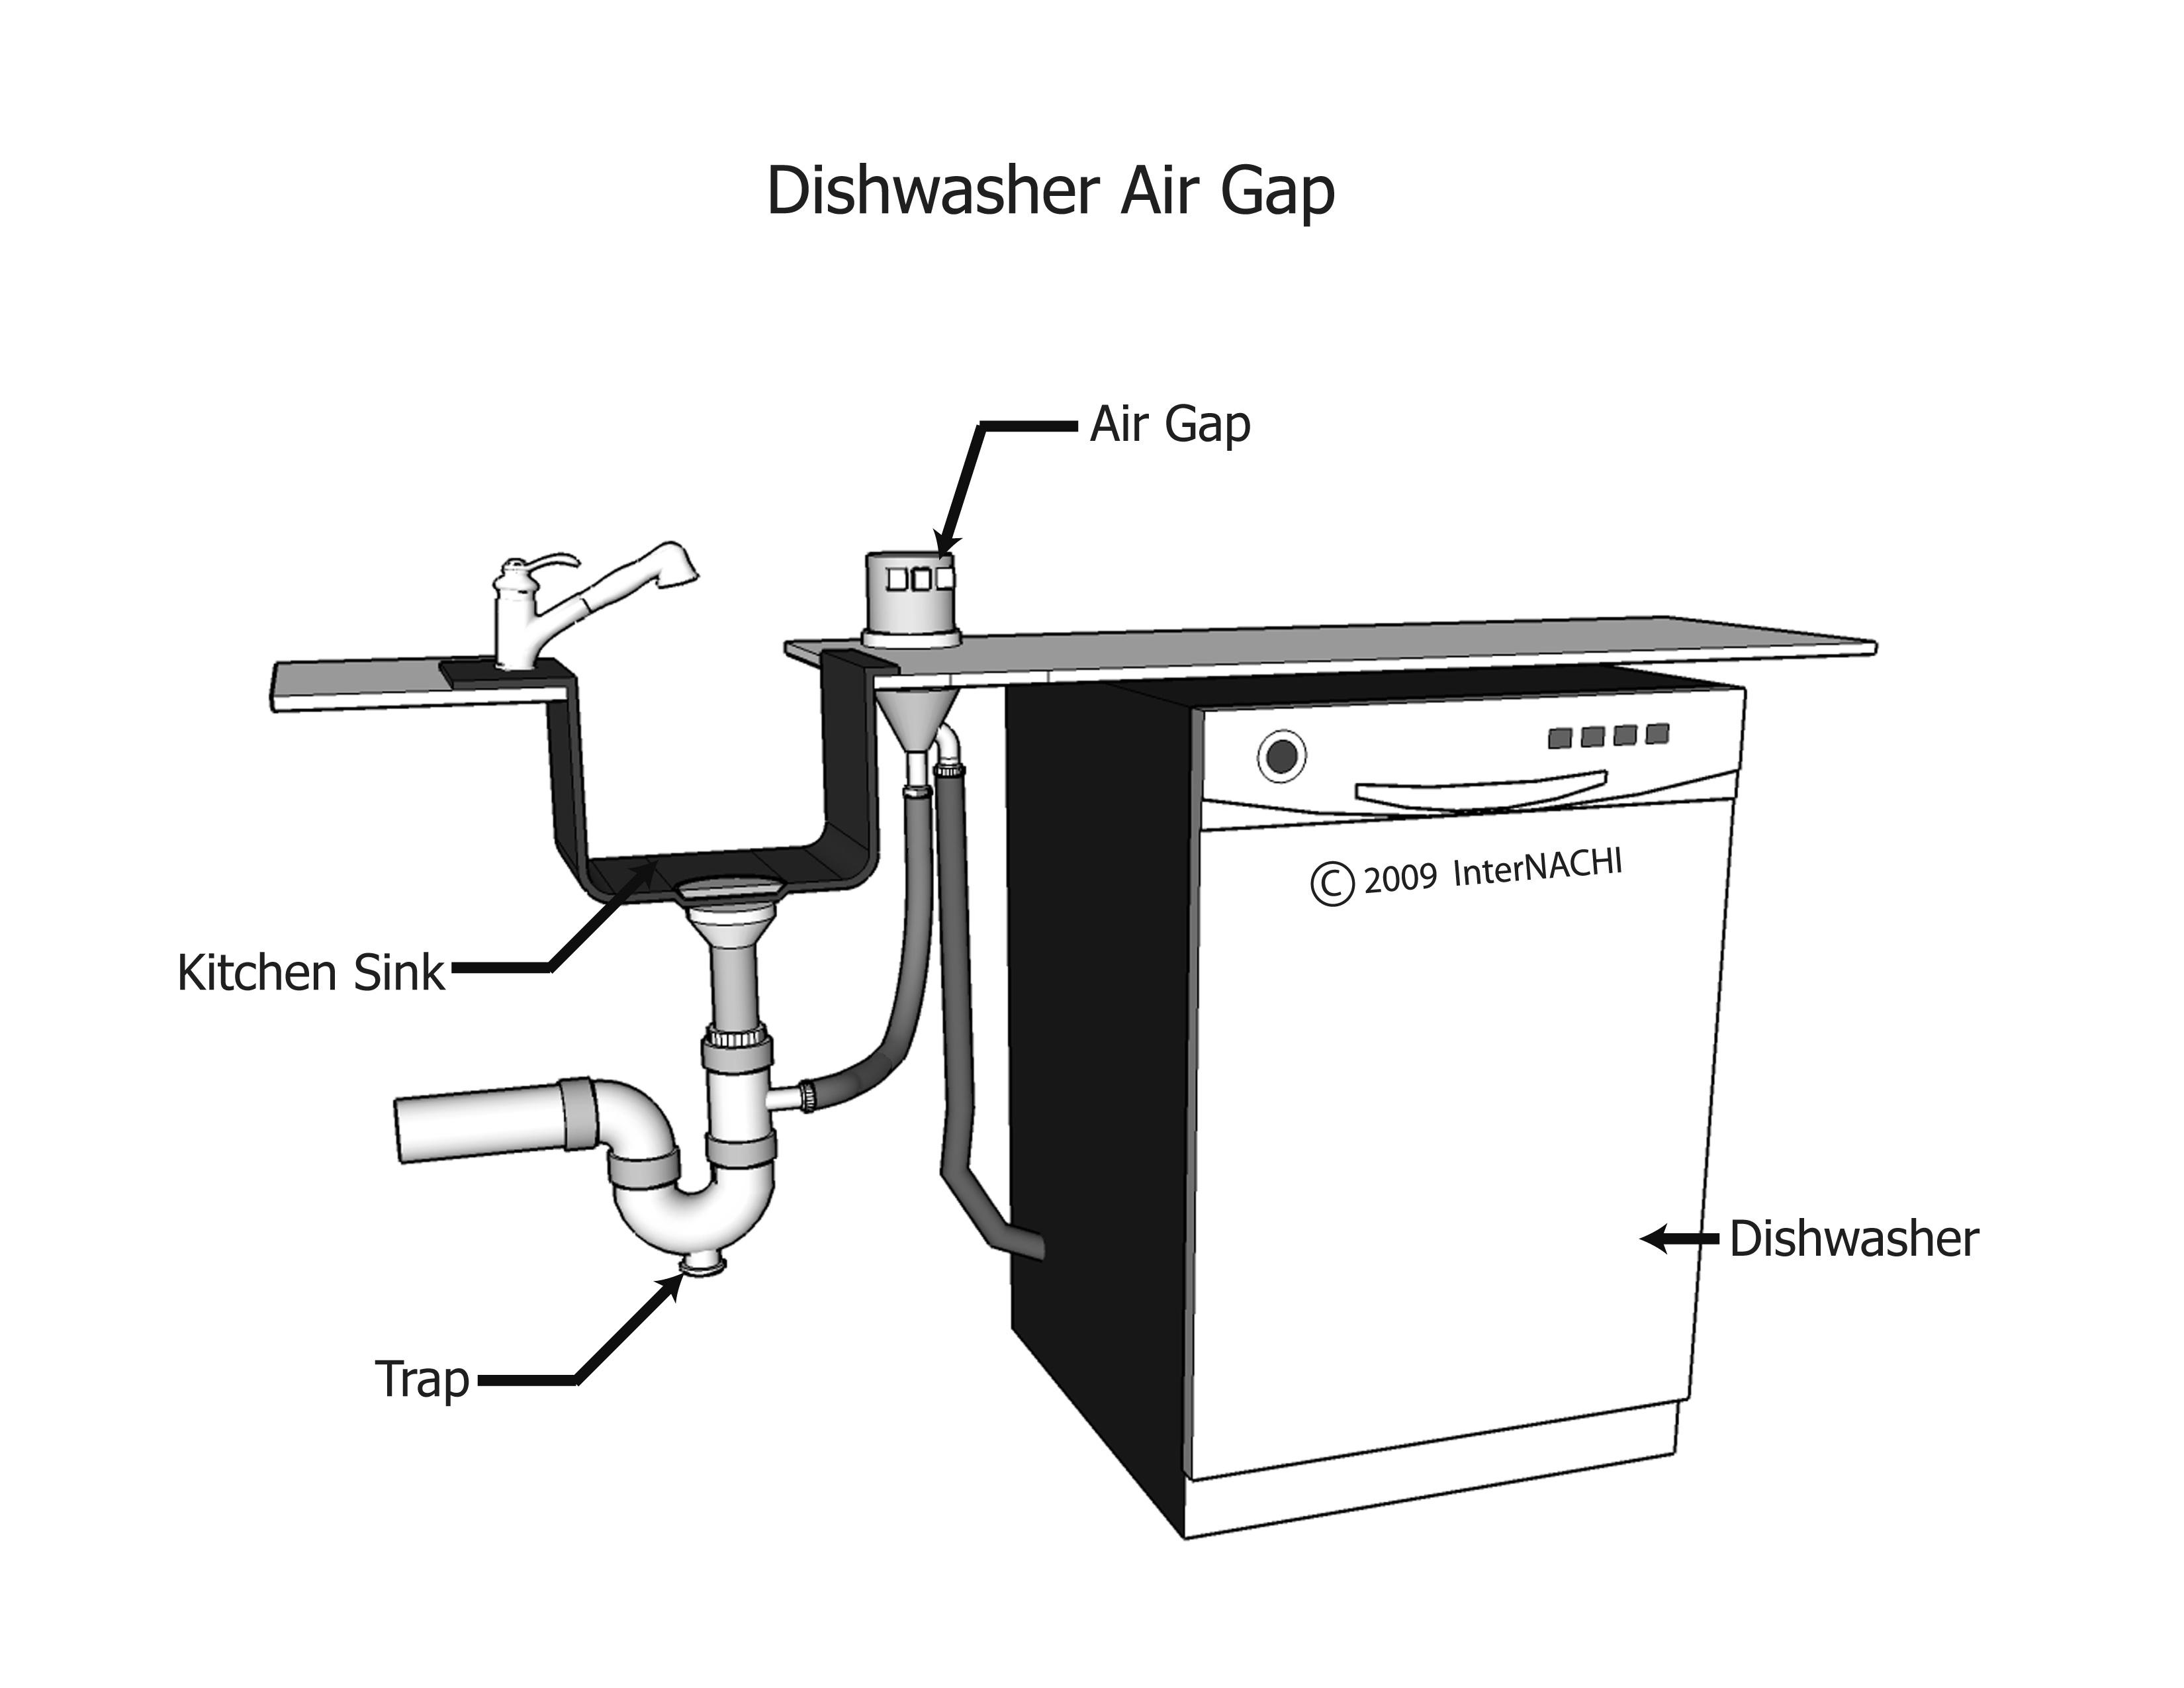 Dishwasher Air Gap - Inspection Gallery - InterNACHI®